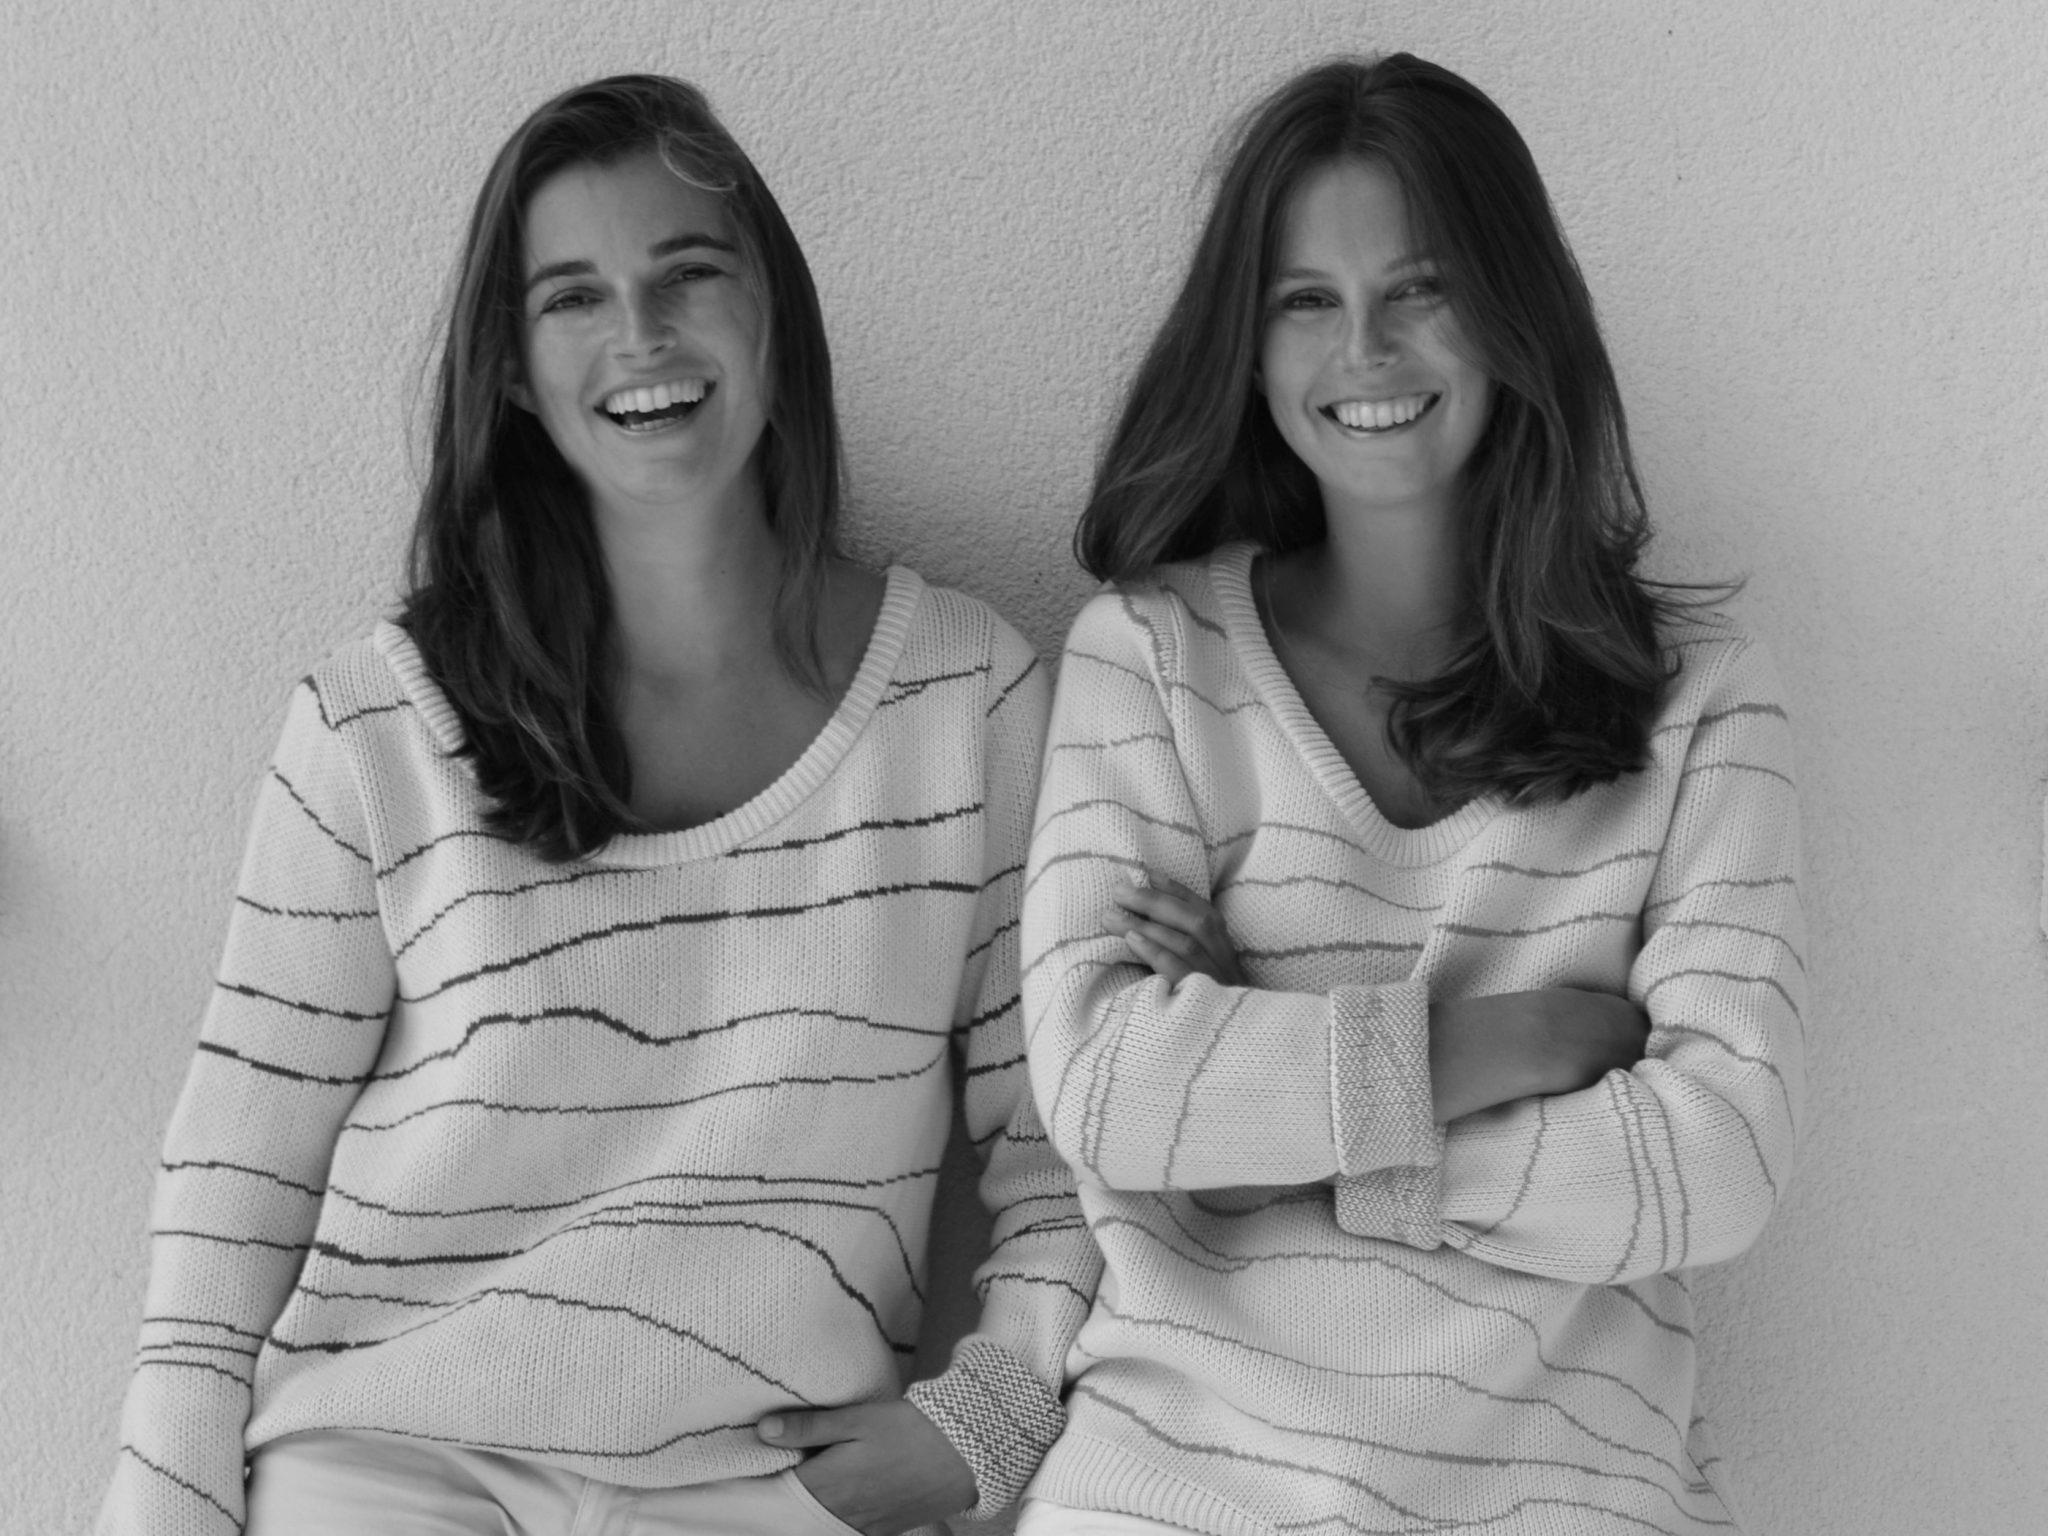 Les créatrices - Adeline & Lorraine